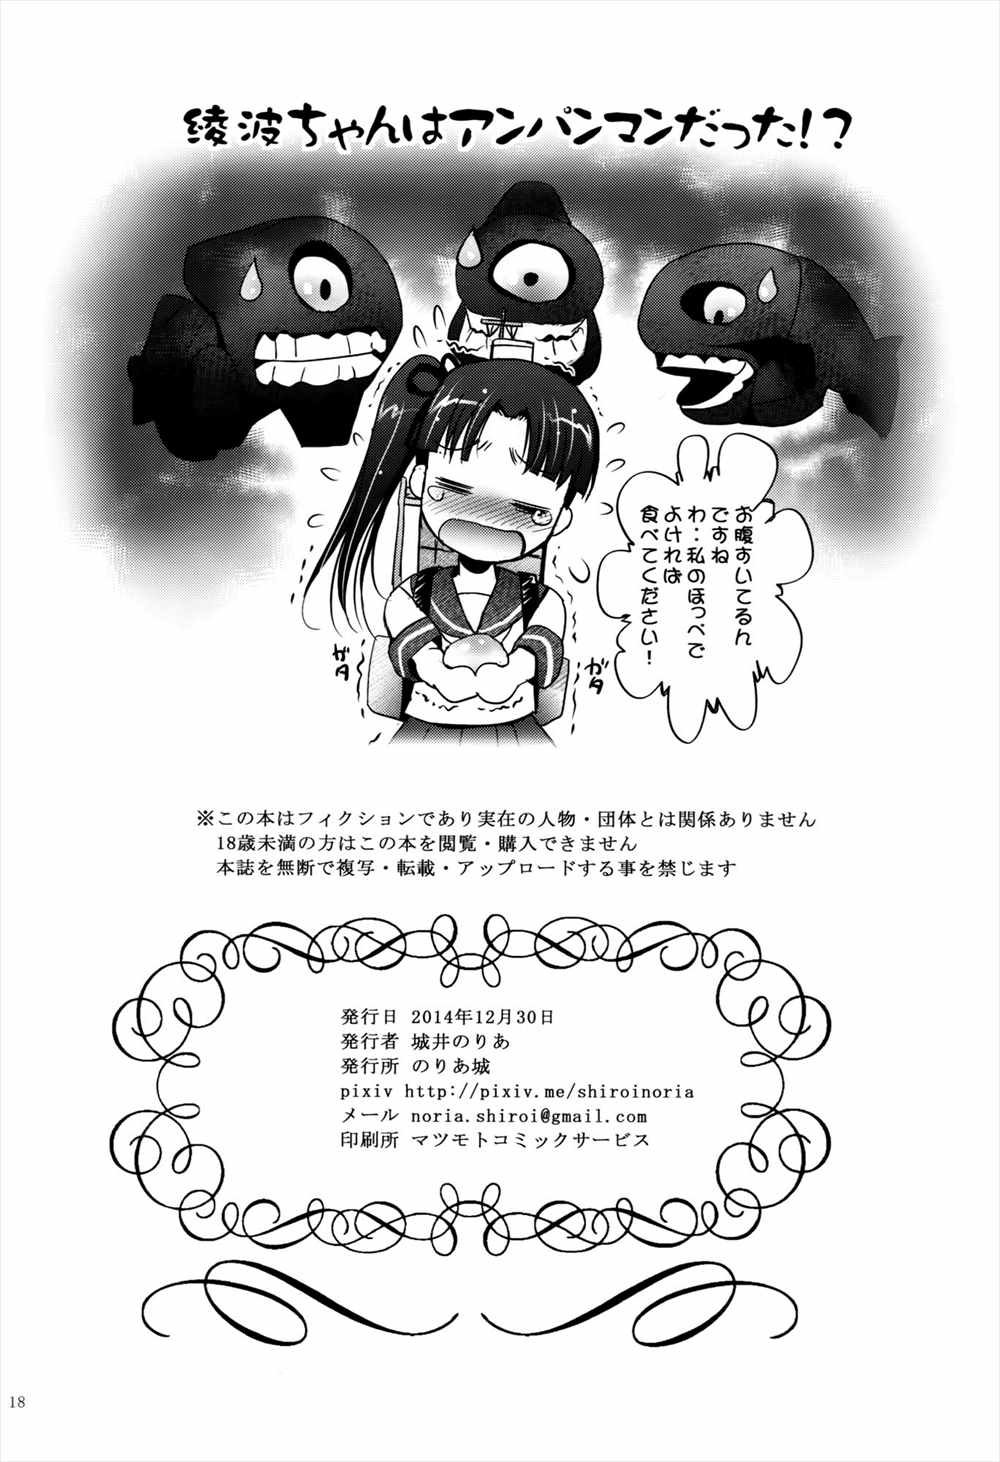 【エロ漫画】艦隊これくしょん ビスマルクお姉さまの匂いがついた提督のチンポにオイゲンちゃんがむしゃぶりついてる!